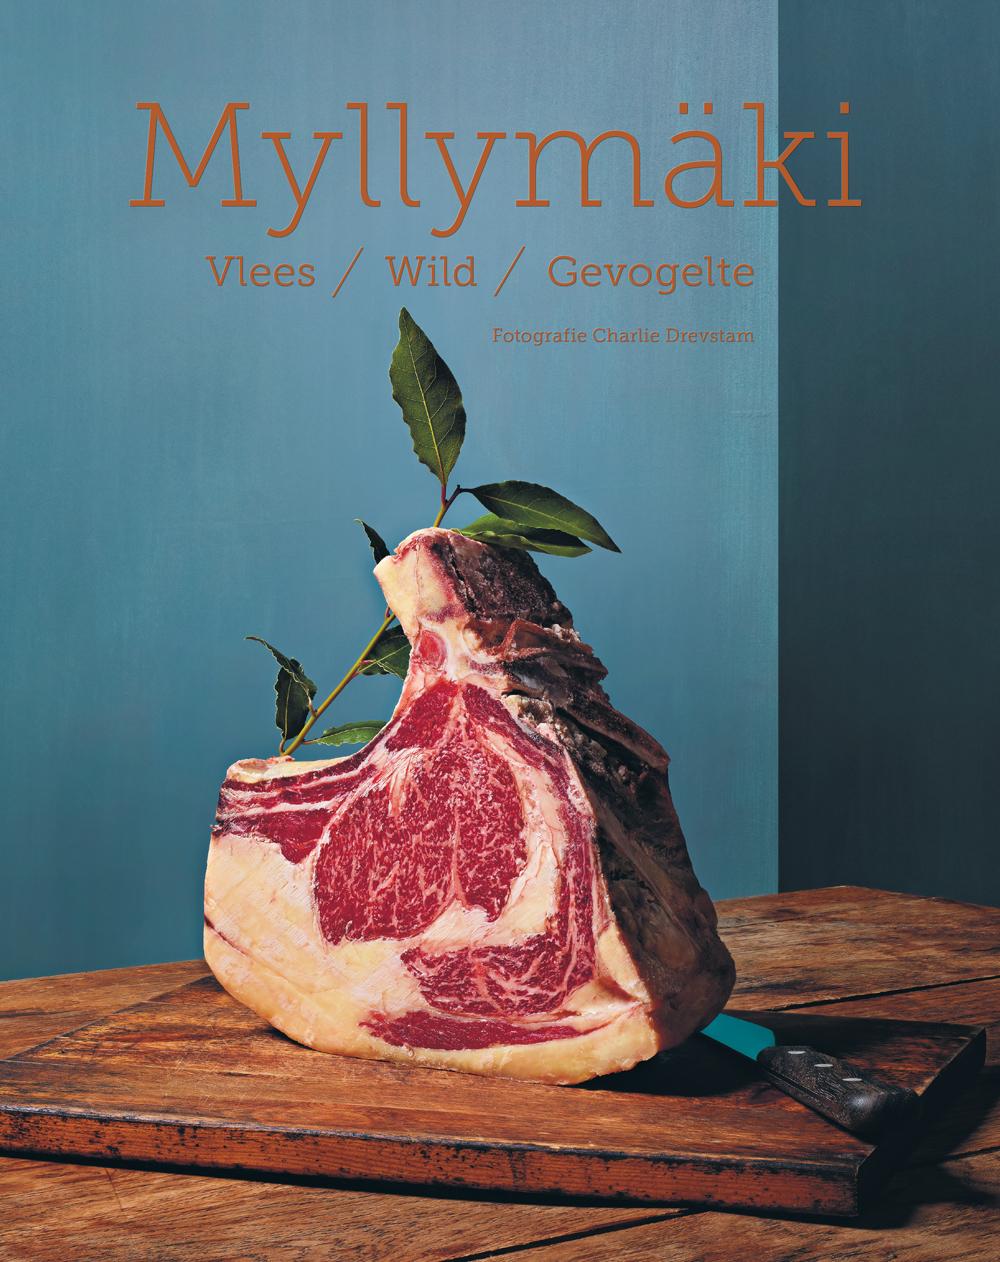 Myllymaki Vlees, wild en gevogelte